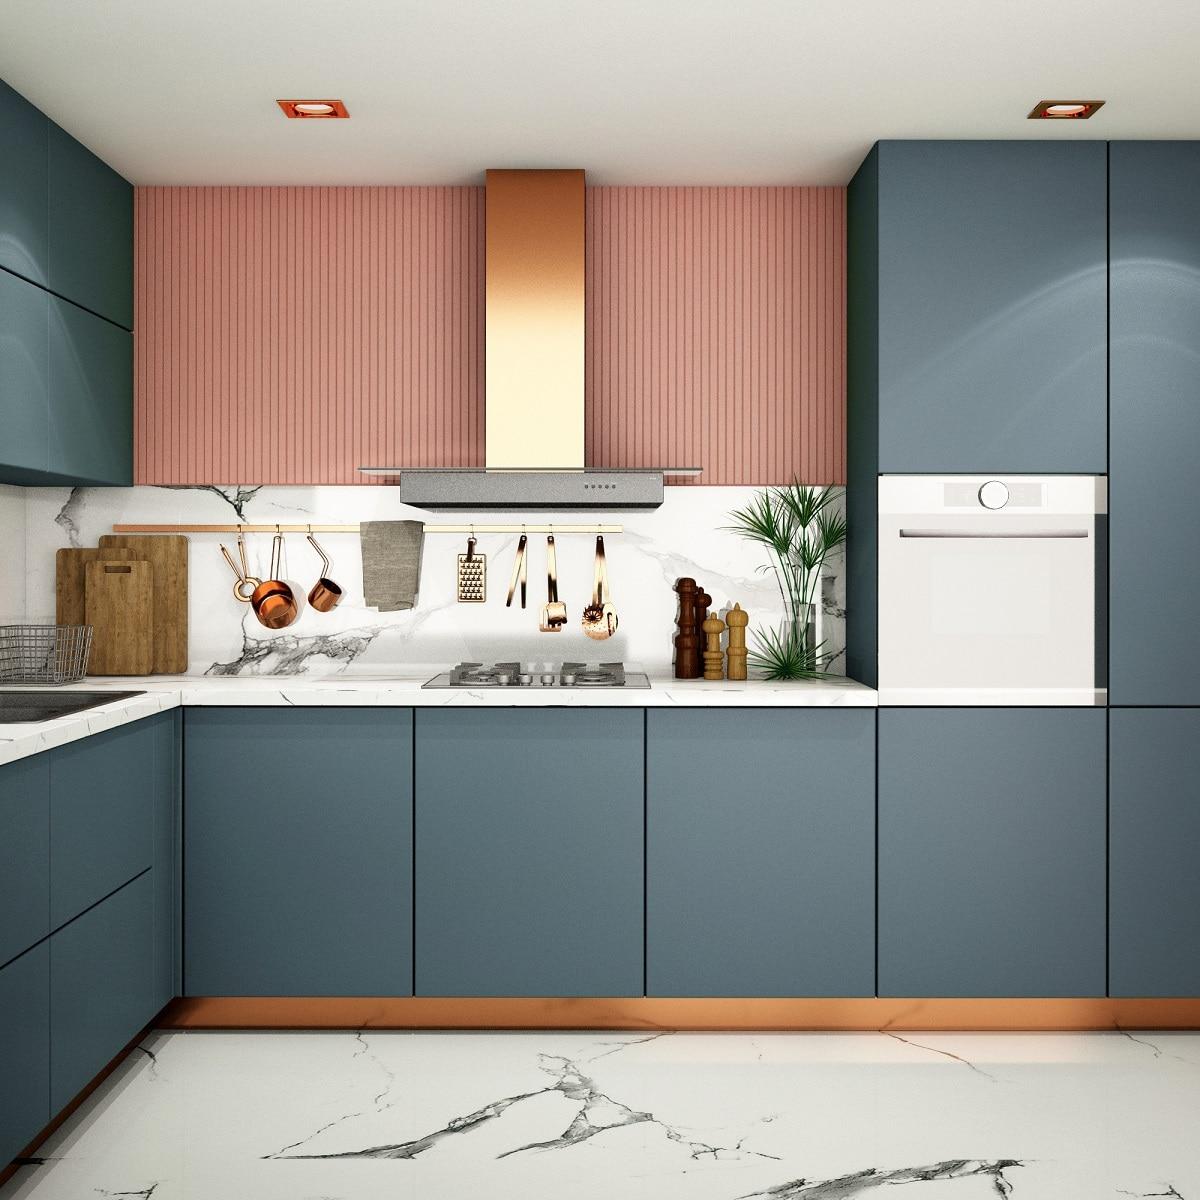 Ein farbenfrohes Trio bilden die graublauen Küchenschränke, die roséfarbene Rückwand und die Elemente in Marmoroptik. Ein besonderes Schmankerl sind Dampfabzug und zurückgezogener Sockel in Kupfer. (Foto: Stock Adobe/TATTA)